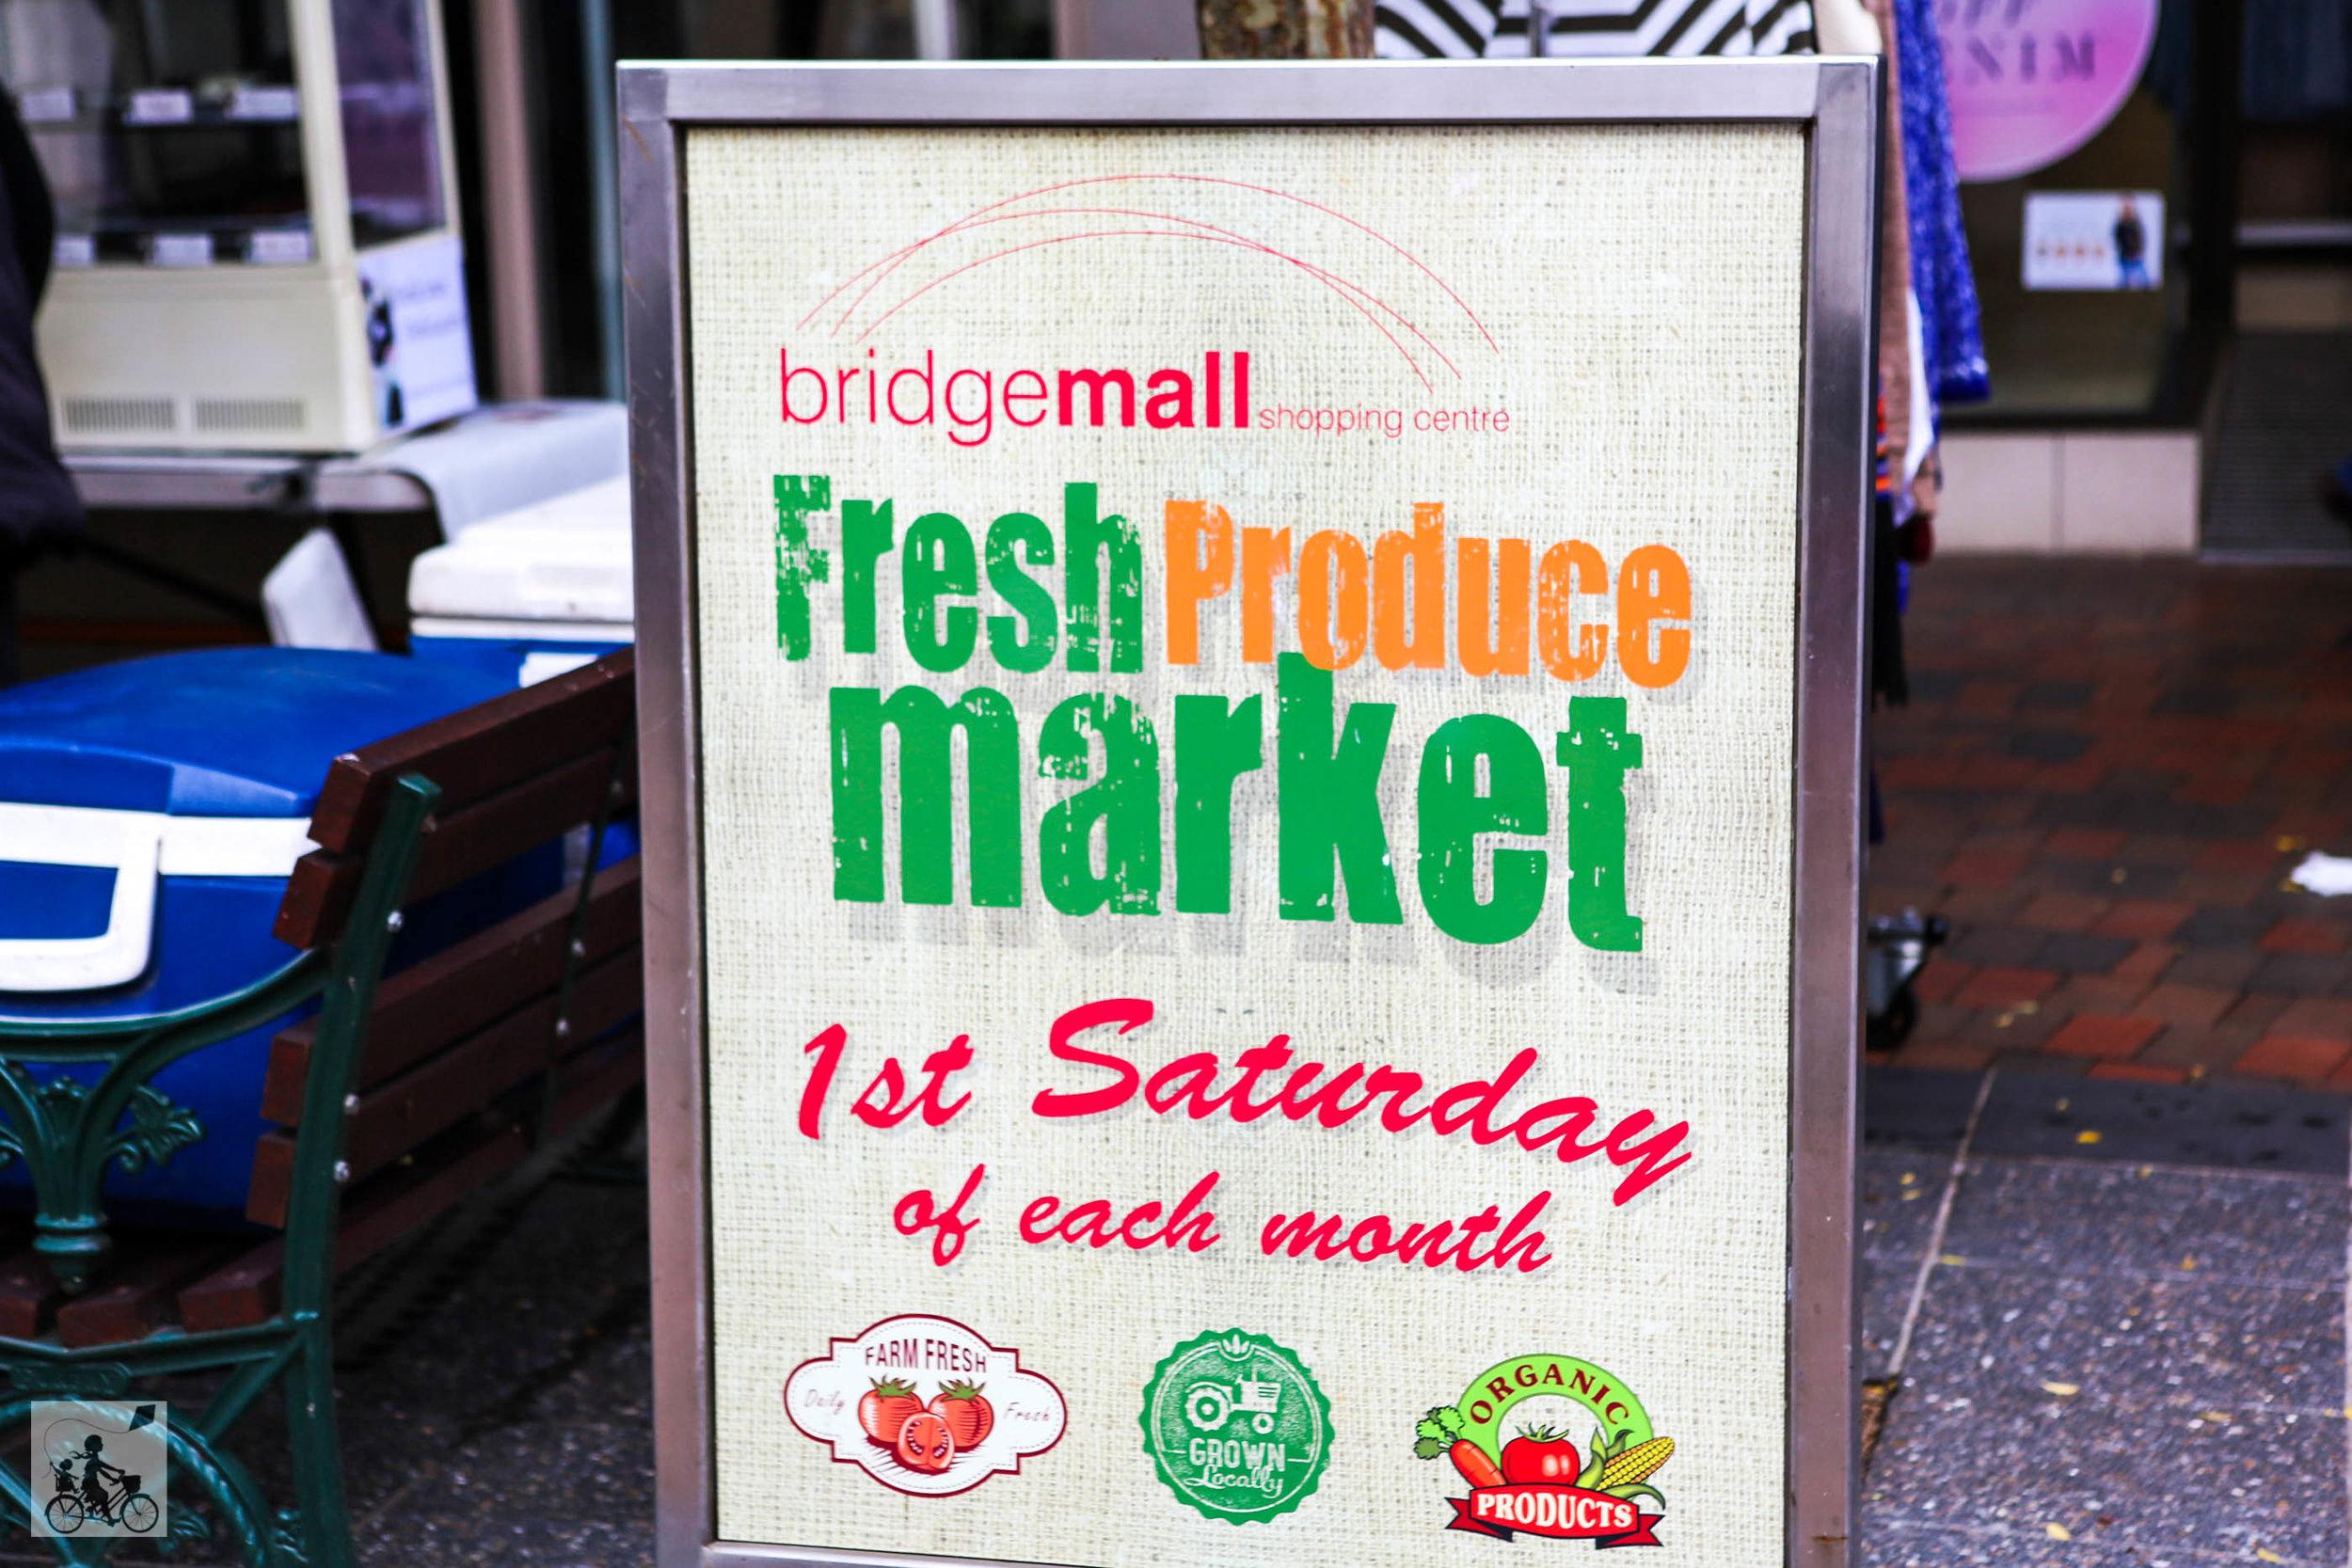 Mamma Knows West - Bridge Mall Farmers Market (11 of 39).jpg